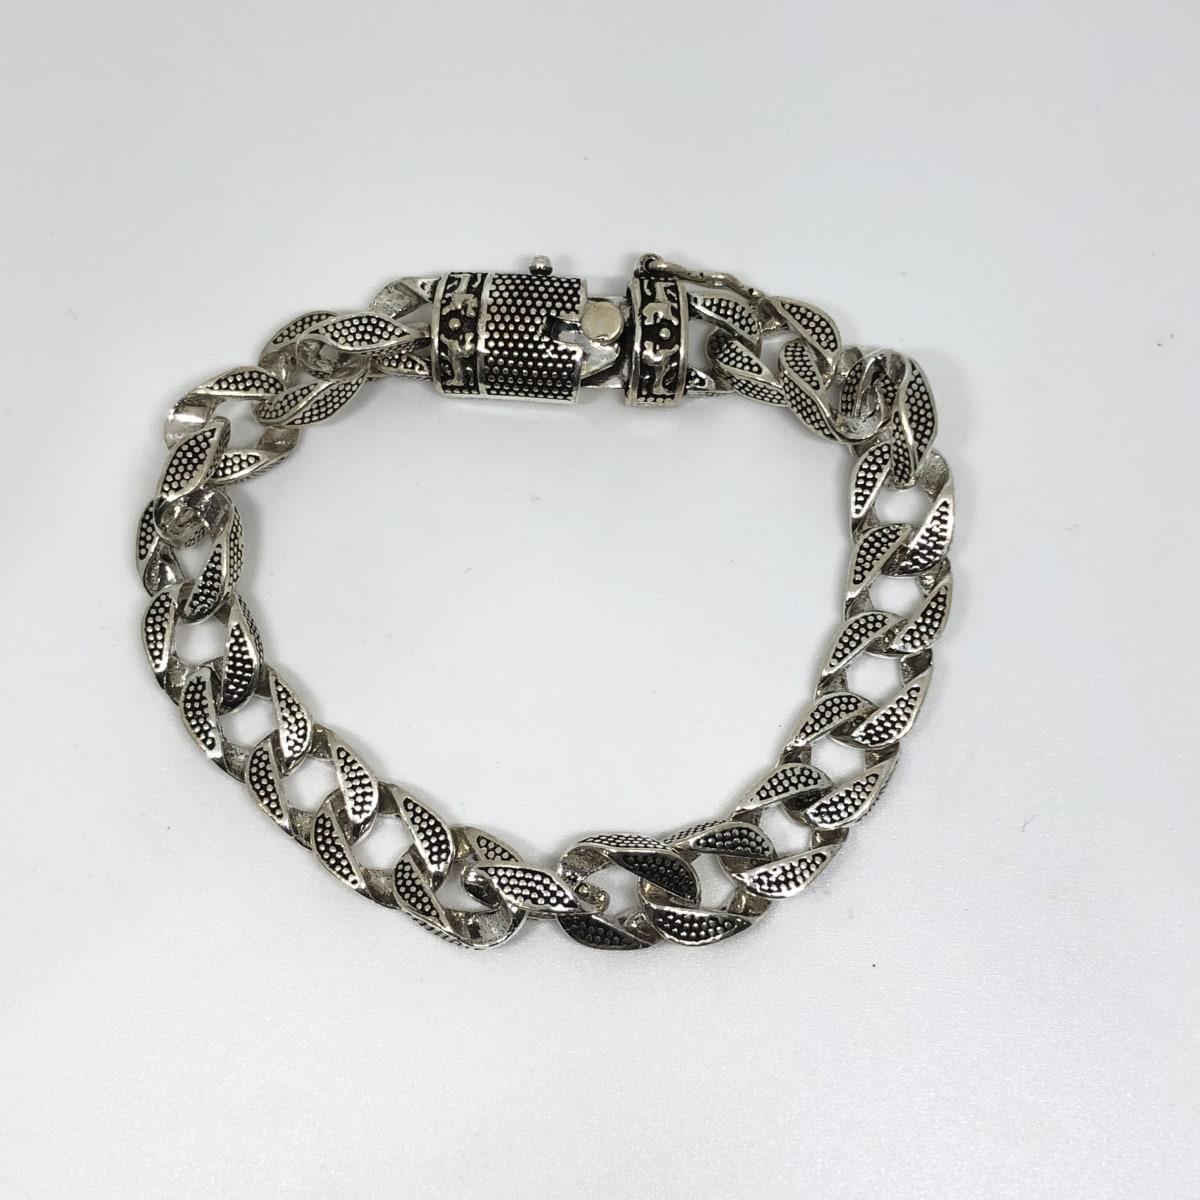 Antique Chain Bracelet